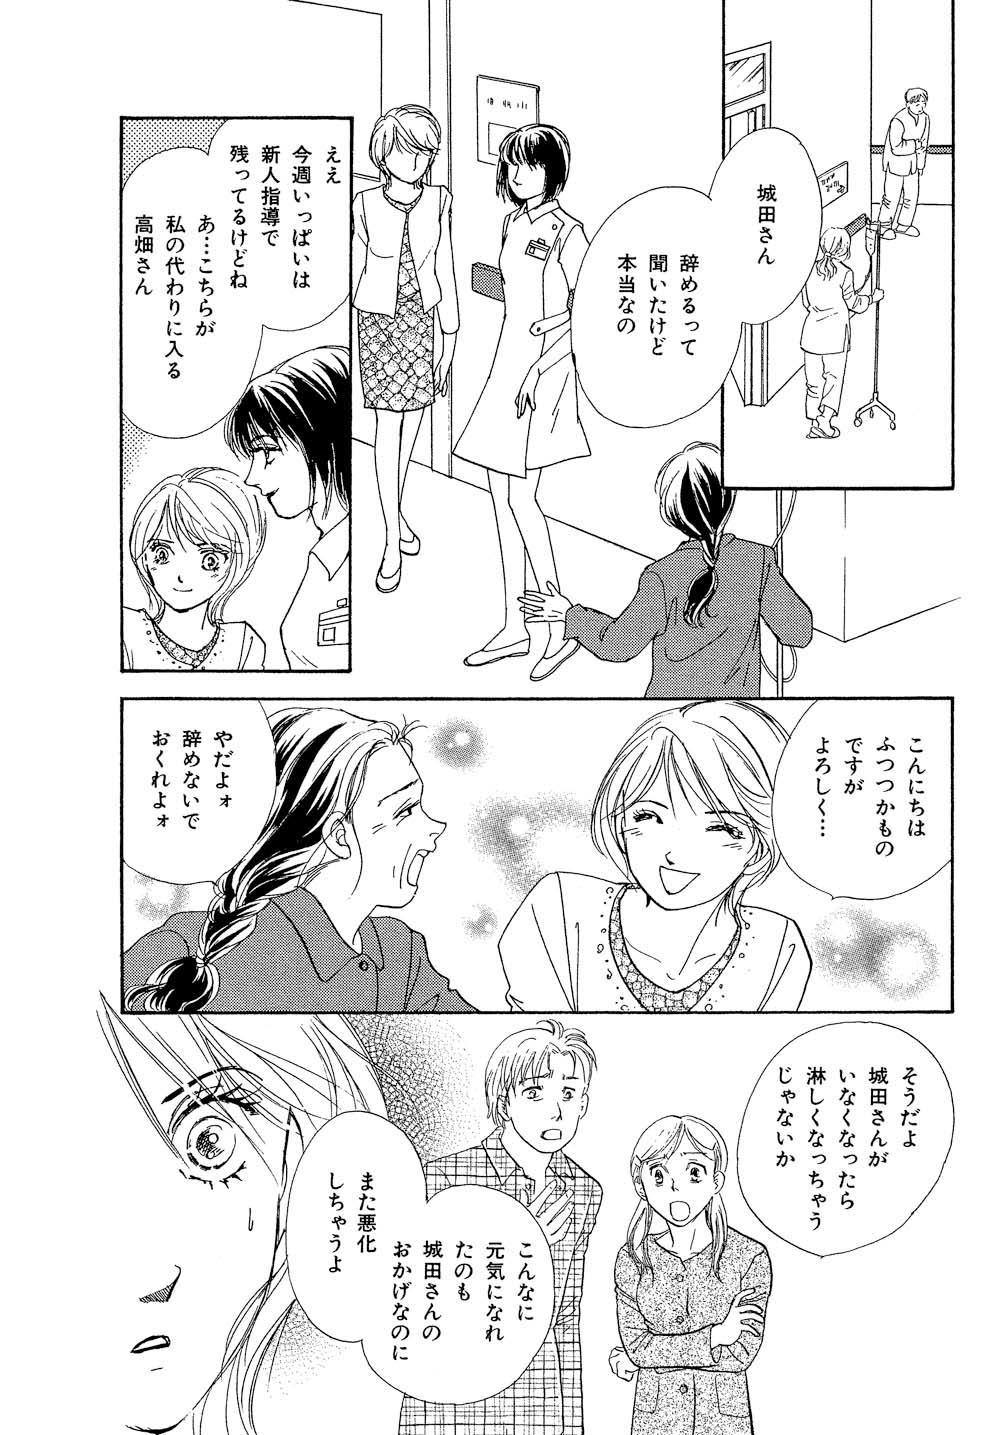 hakui_0001_0142.jpg